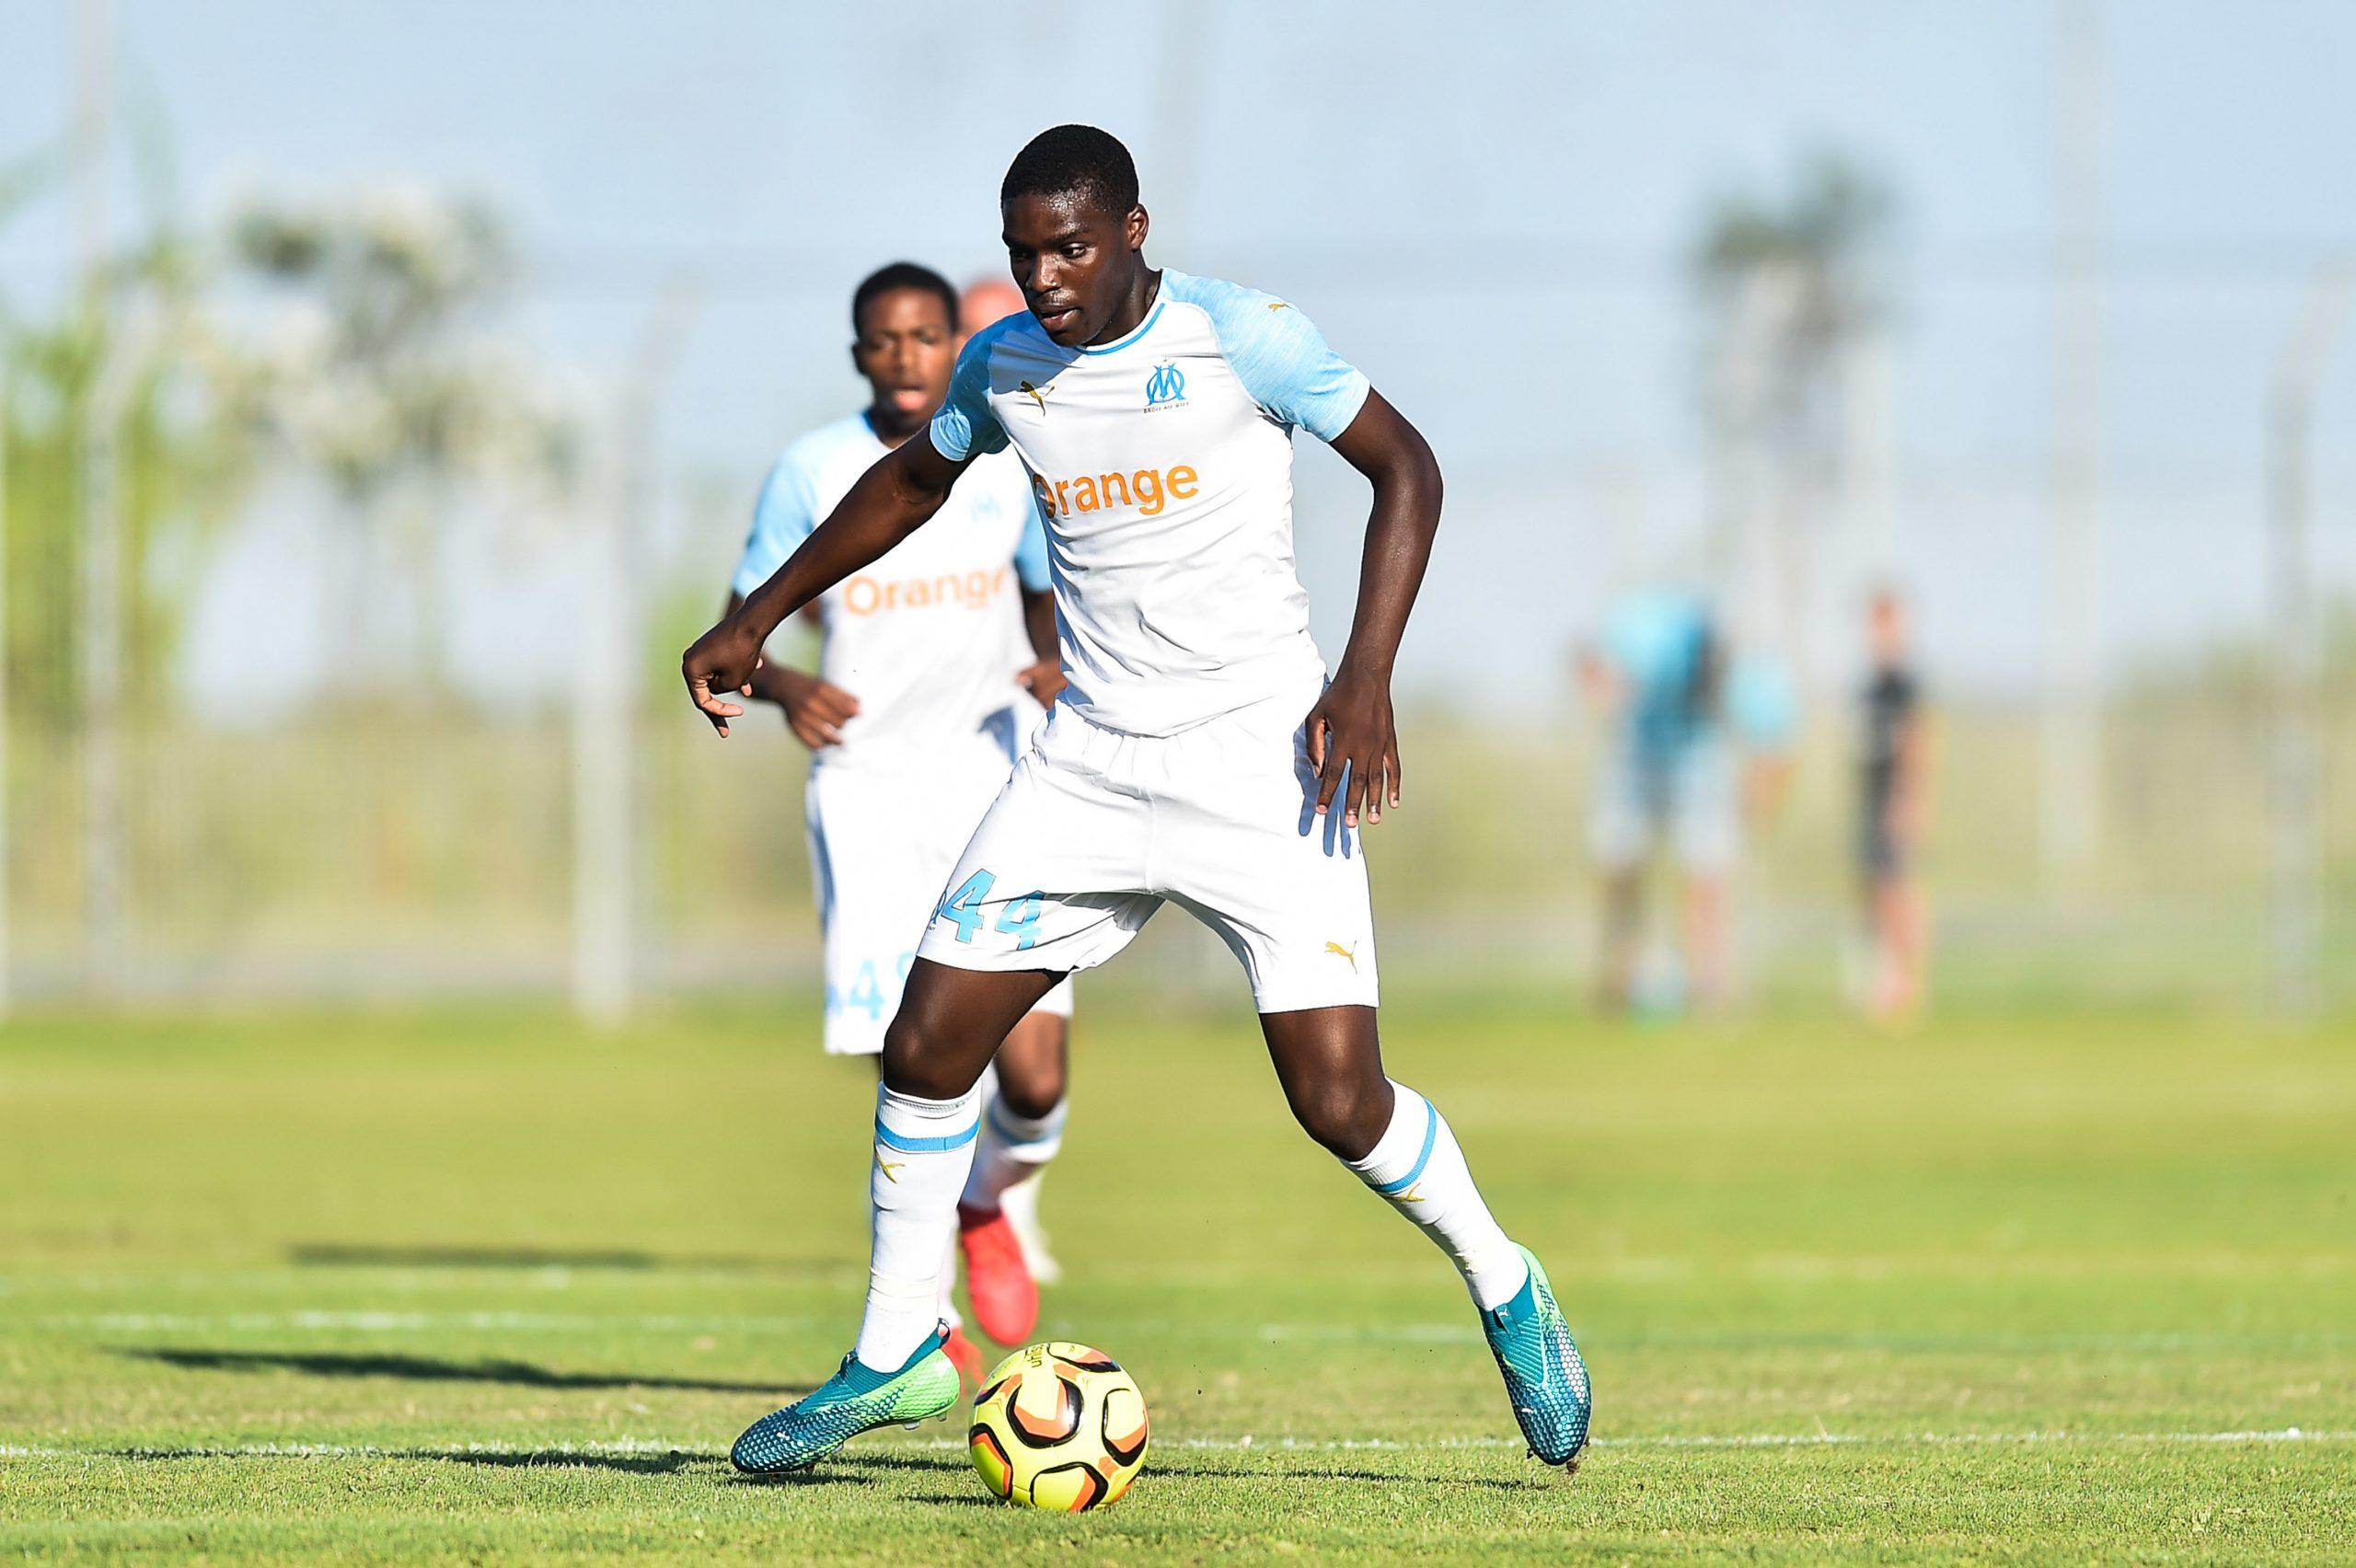 Mercato OM : L'agent de Nkounkou explique le choix de rejoindre Everton